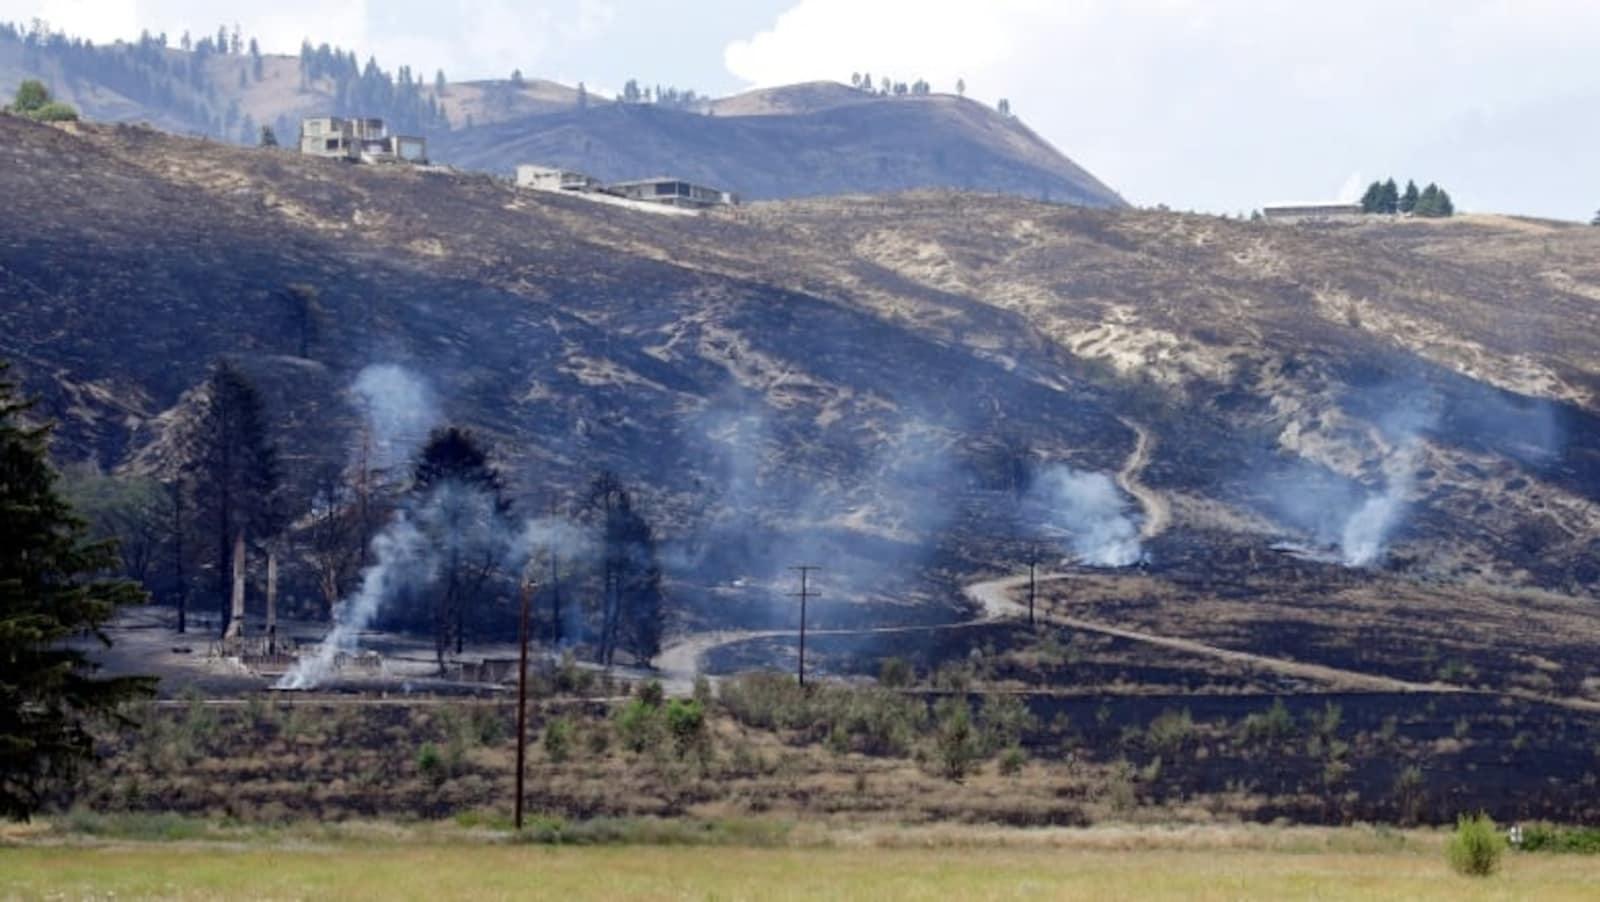 La fumée de brasier se propage sur des montagnes de l'État de Washington.